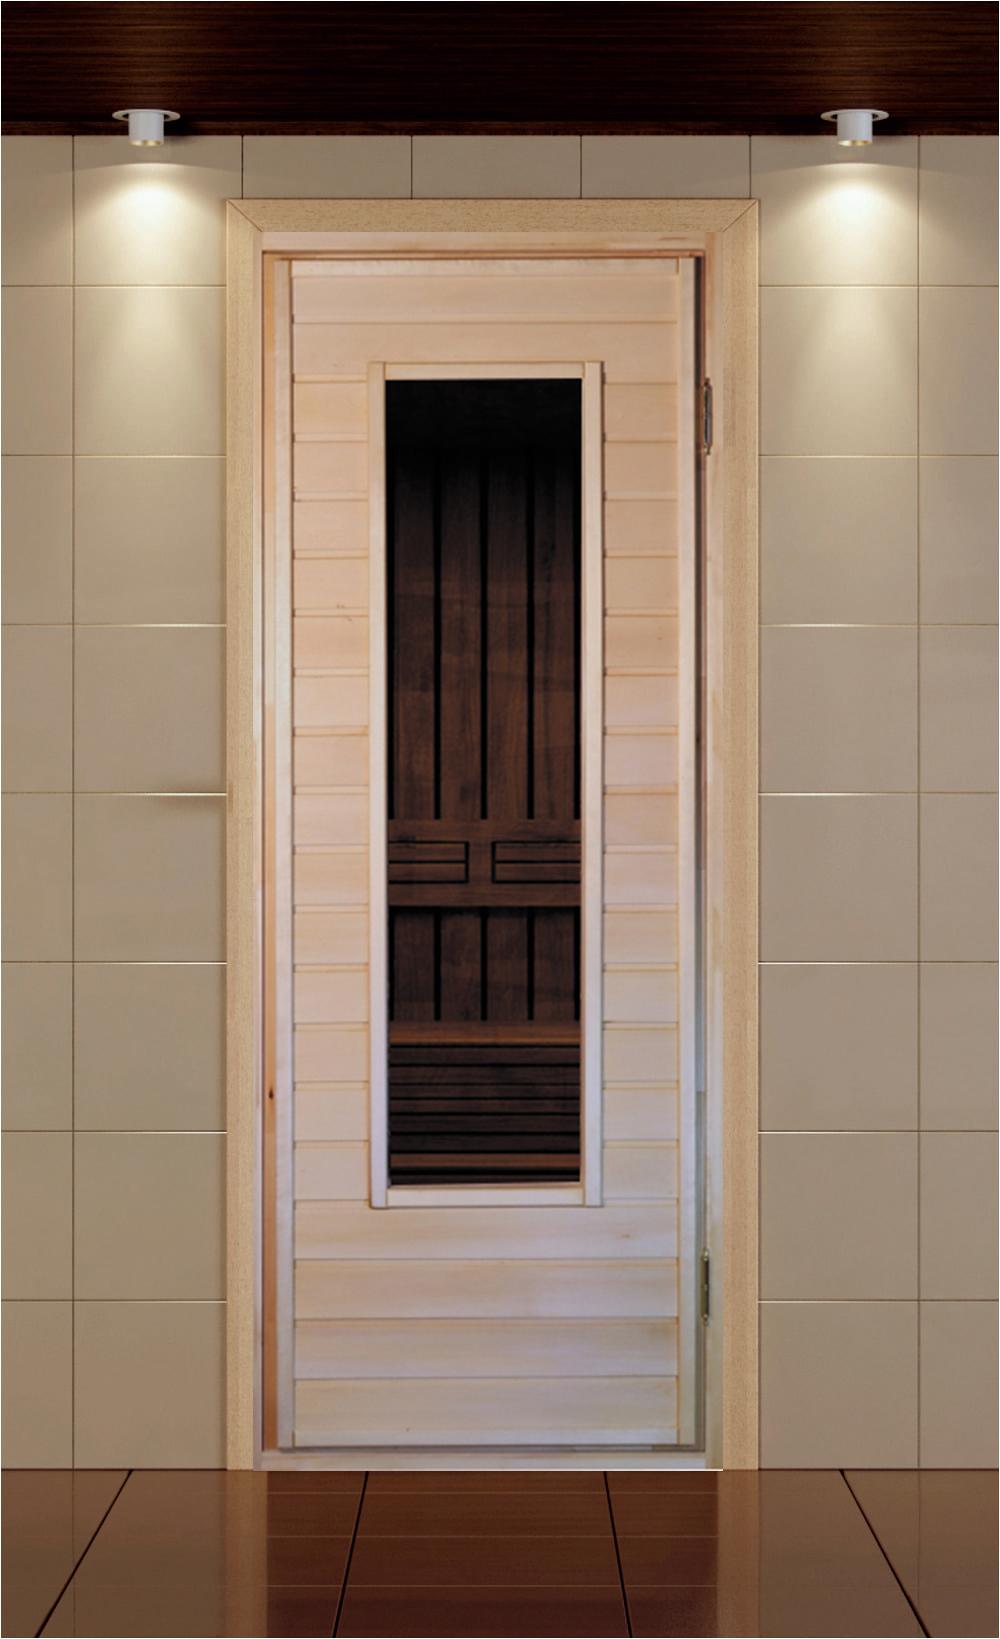 Дверь со стеклом С-2. Материал Липа    Коробка Липа. Петли 2шт    Размеры дверного блока 700-1800, 700-1900,    700-2000, 800-1900, 800-2000    Цена 4900 руб